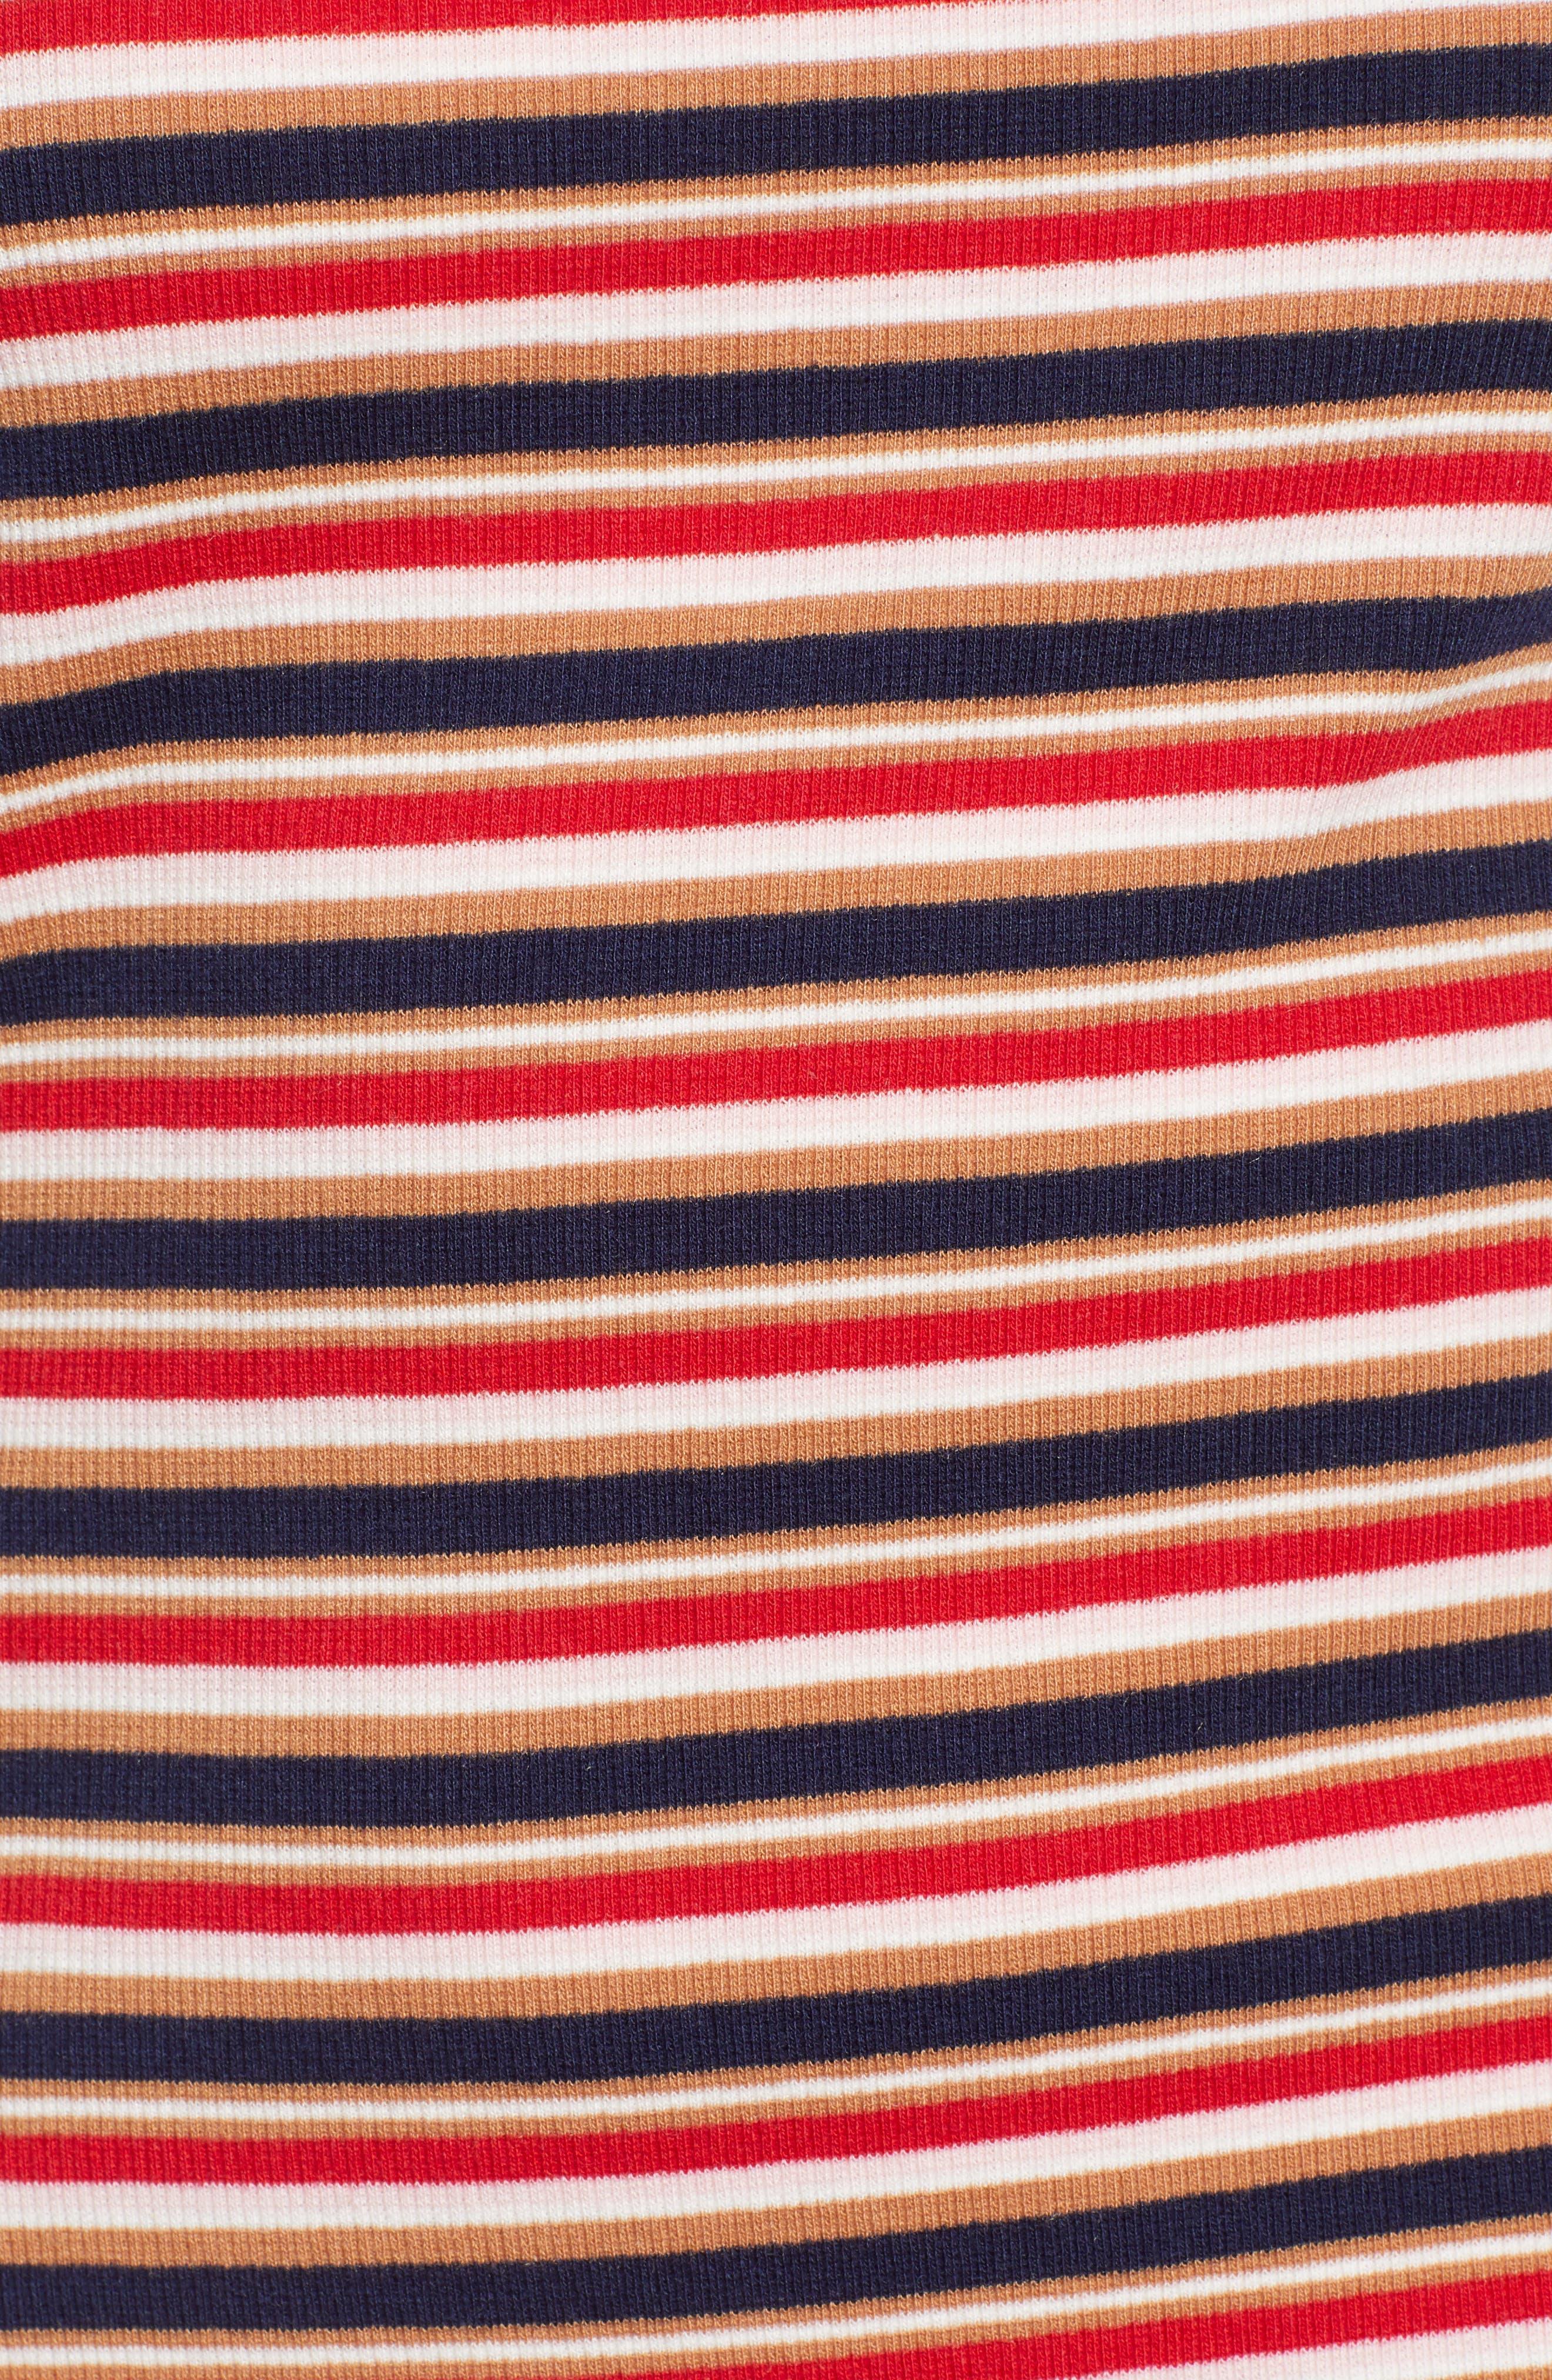 Parad Stripe Rib Knit Dress,                             Alternate thumbnail 4, color,                             Multi